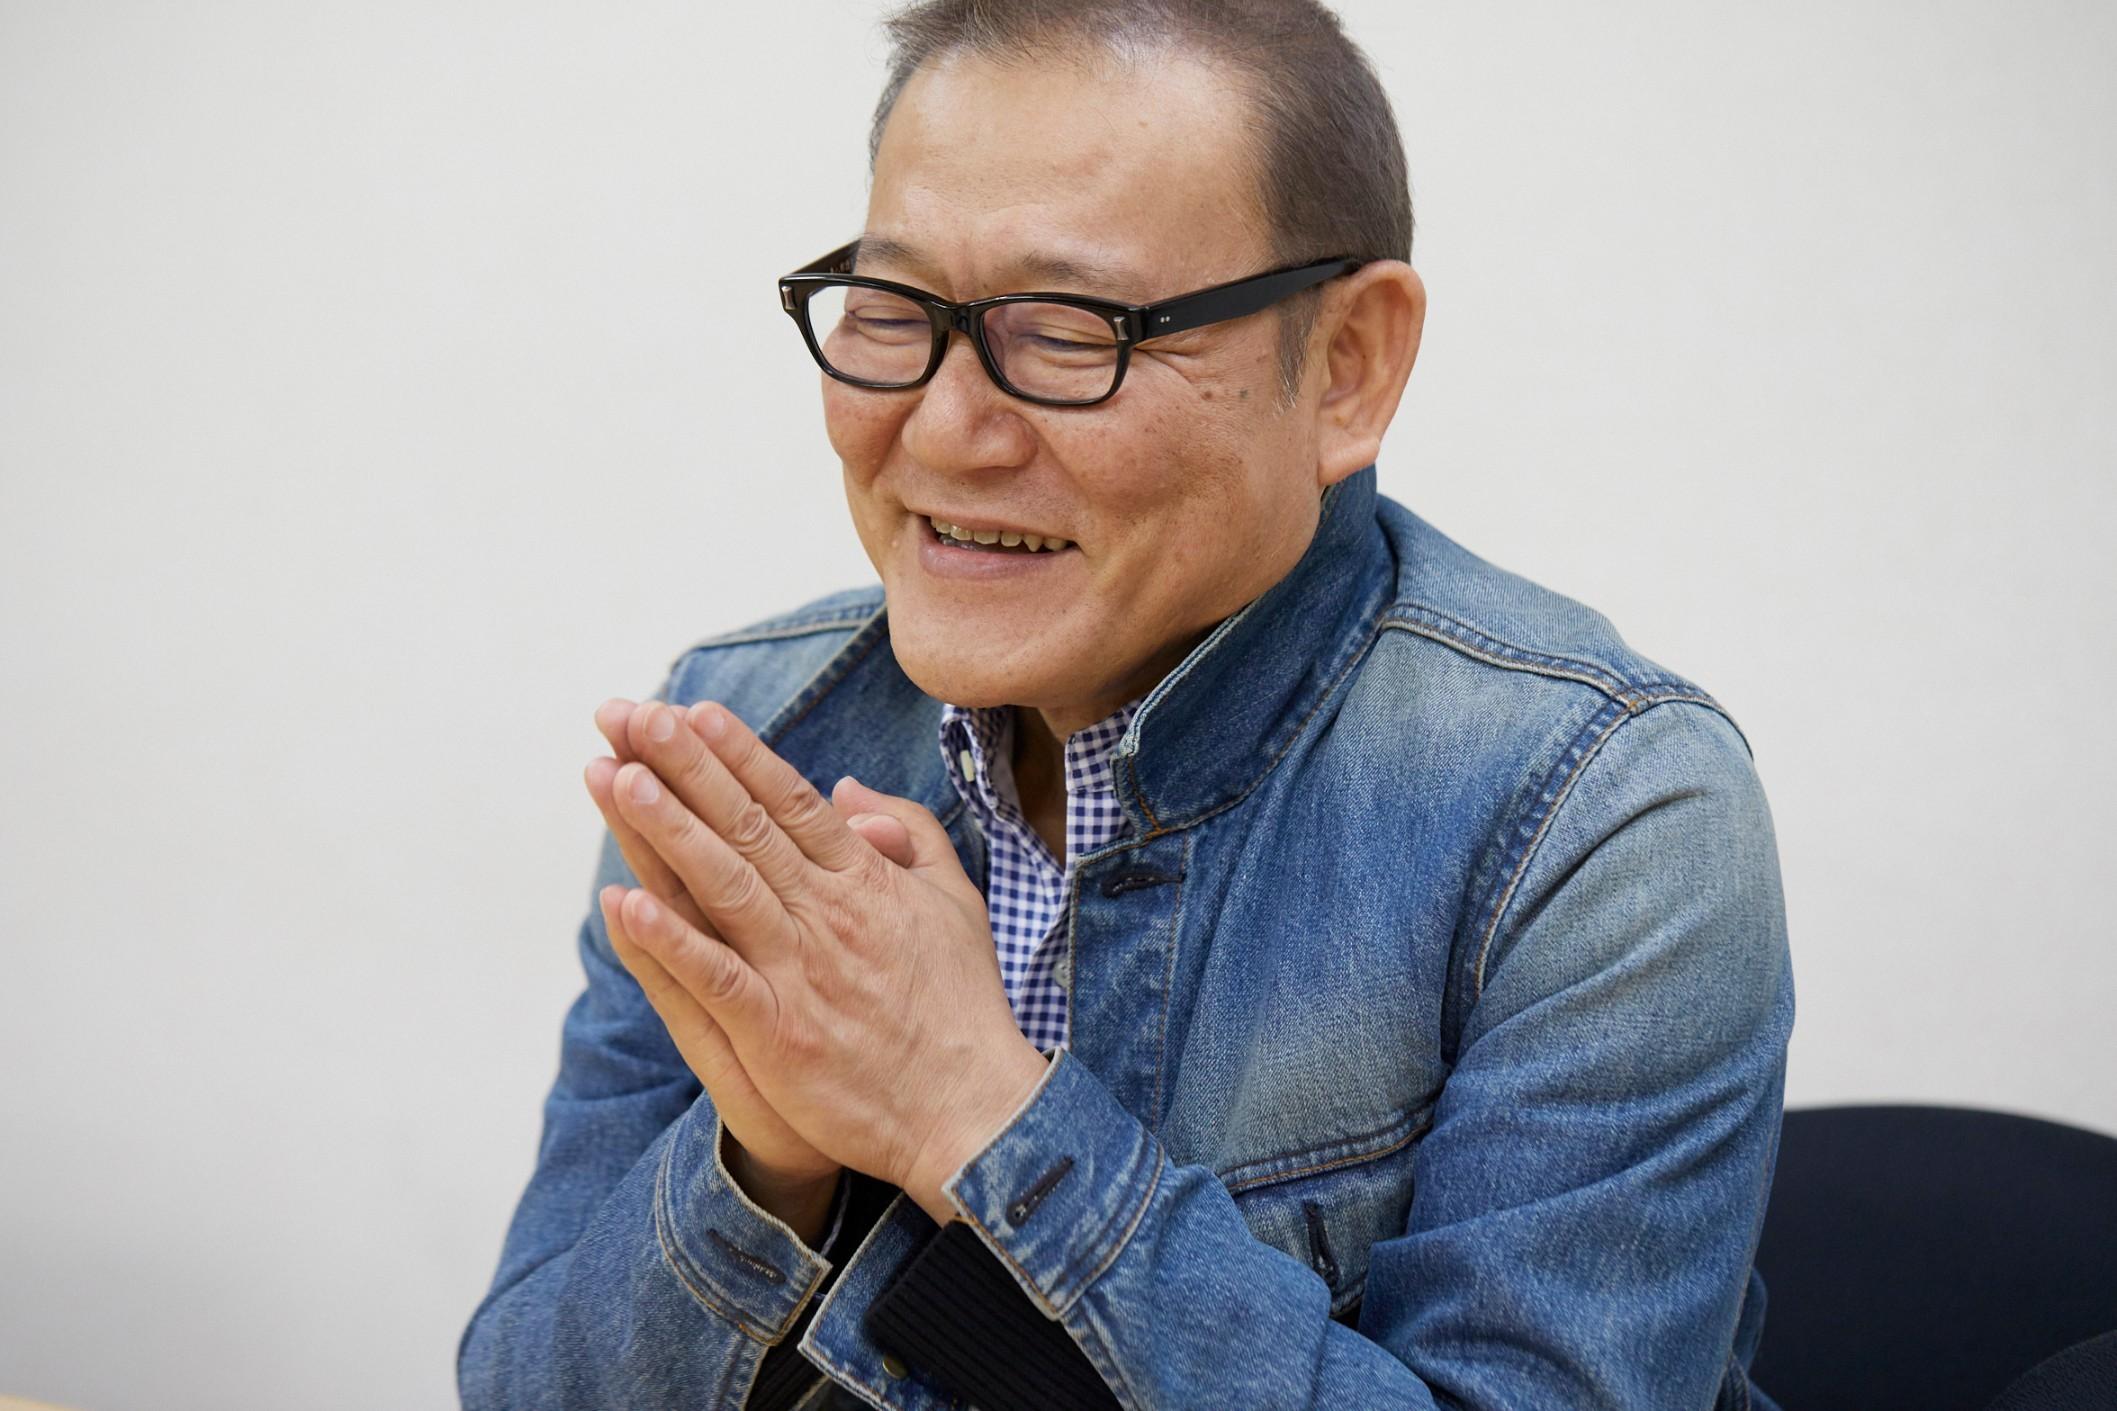 國村隼  撮影=岩間辰徳